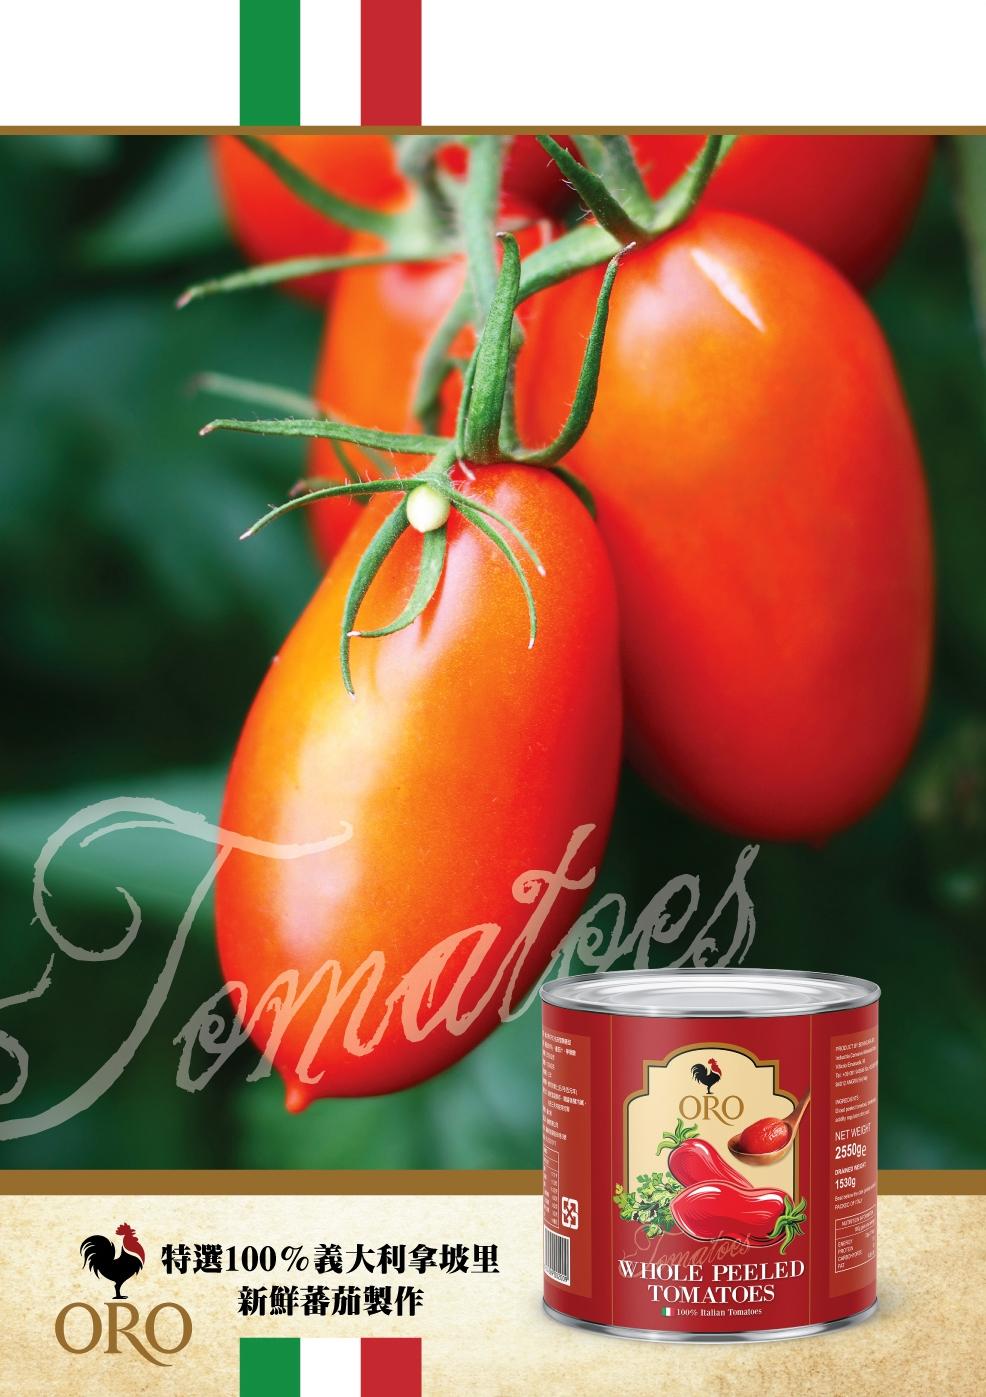 義大利ORO蕃茄